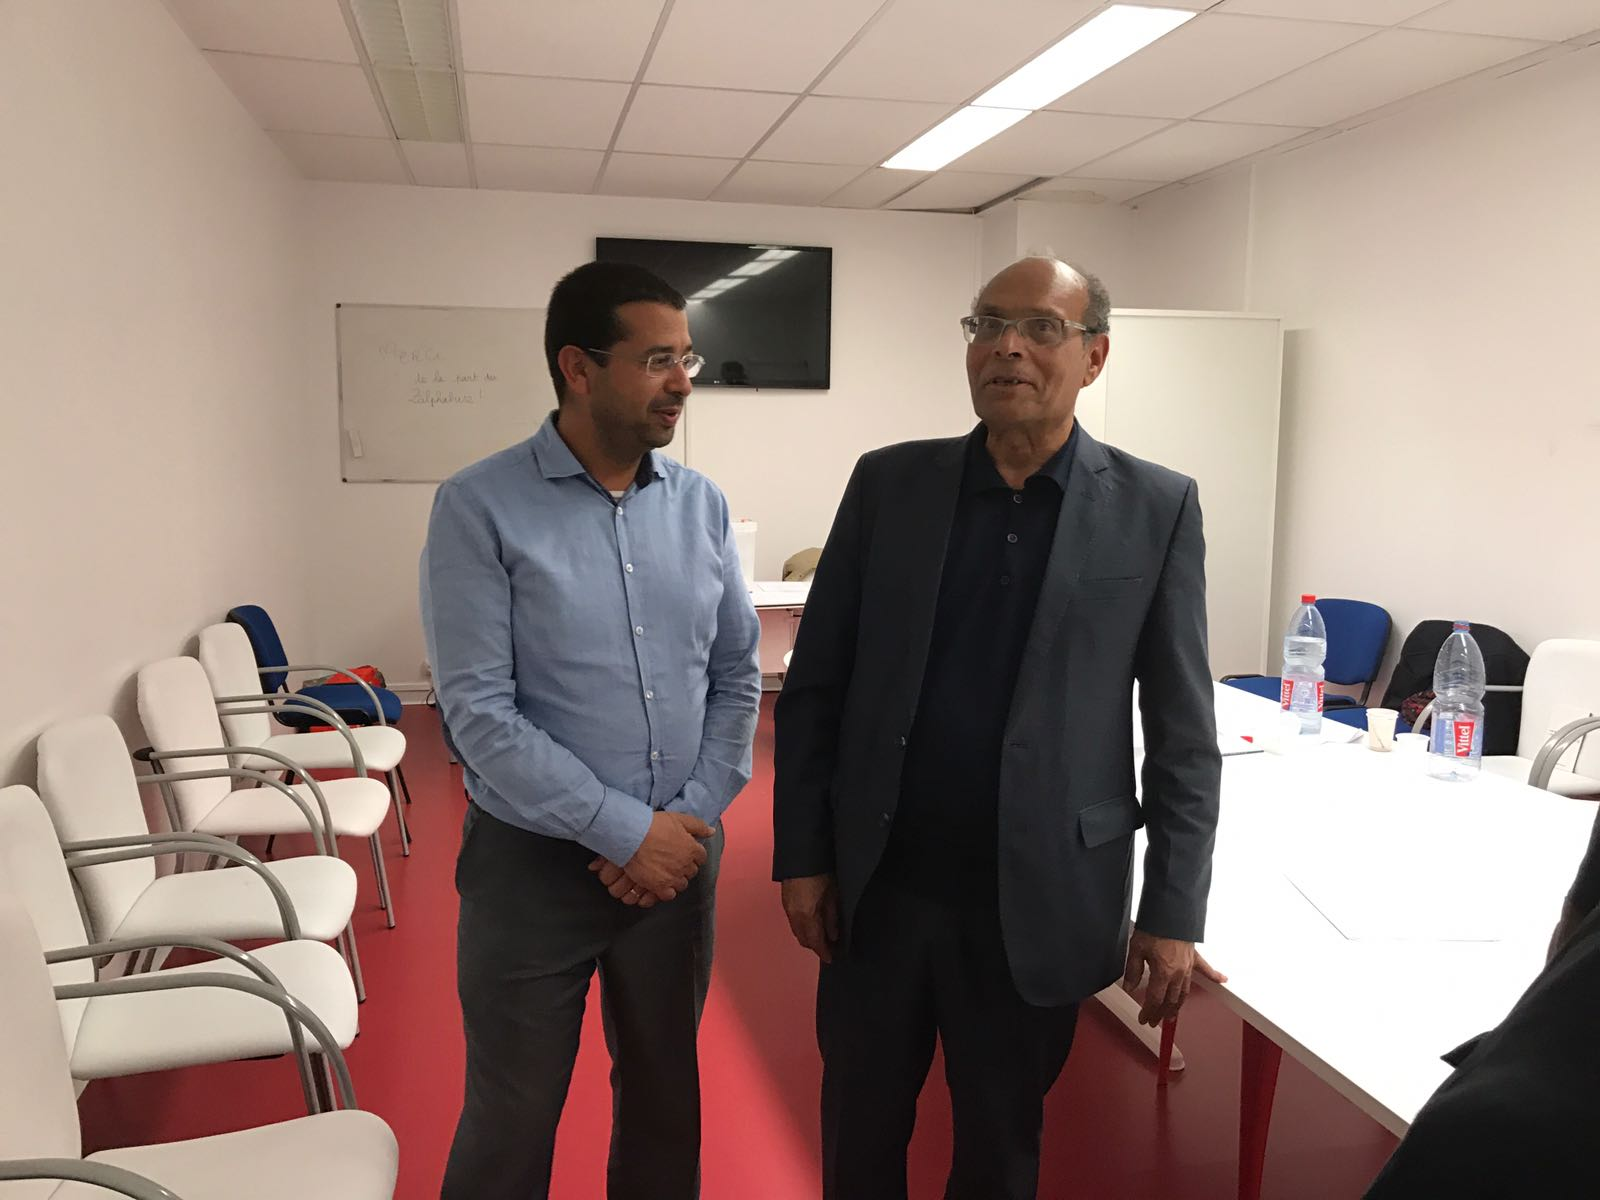 استقبل السيد شكري السعيدي مدير وكالة اسفار ڨو مكة يوم الجمعة 17 مارس 2017 الدكتور المنصف المرزوقي الذي أدى زيارة إلى مقر ڨو مكة بباريس